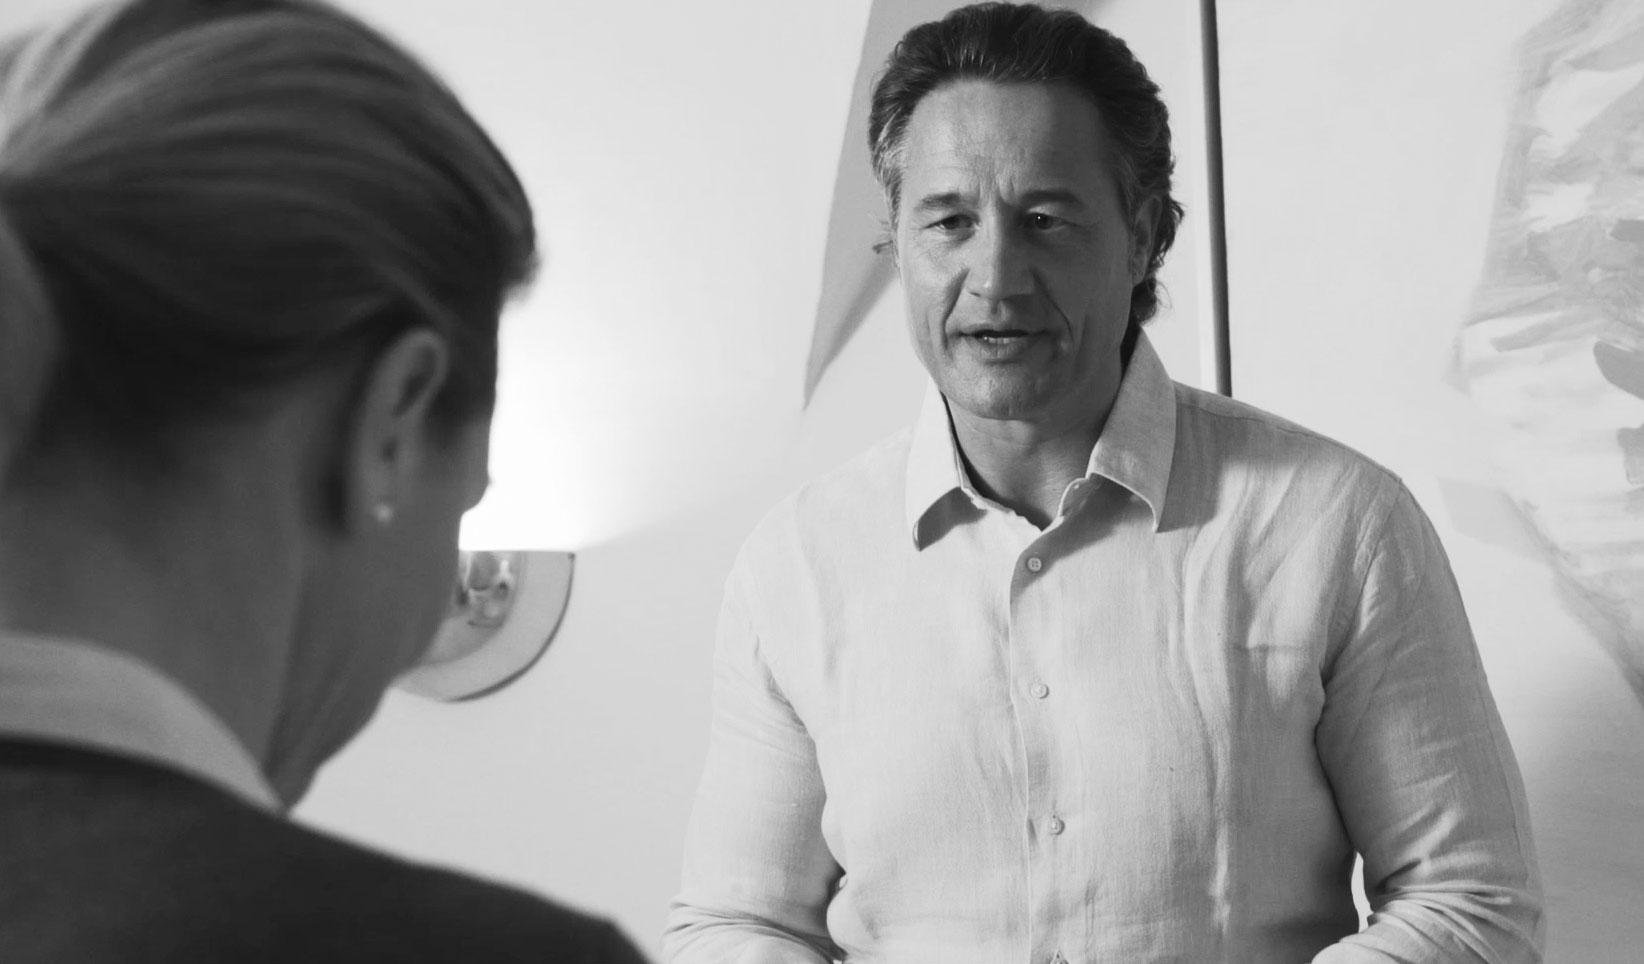 Van Haentjens spricht mit einer Dame, die mit dem Rücken zur Kamera gedreht ist